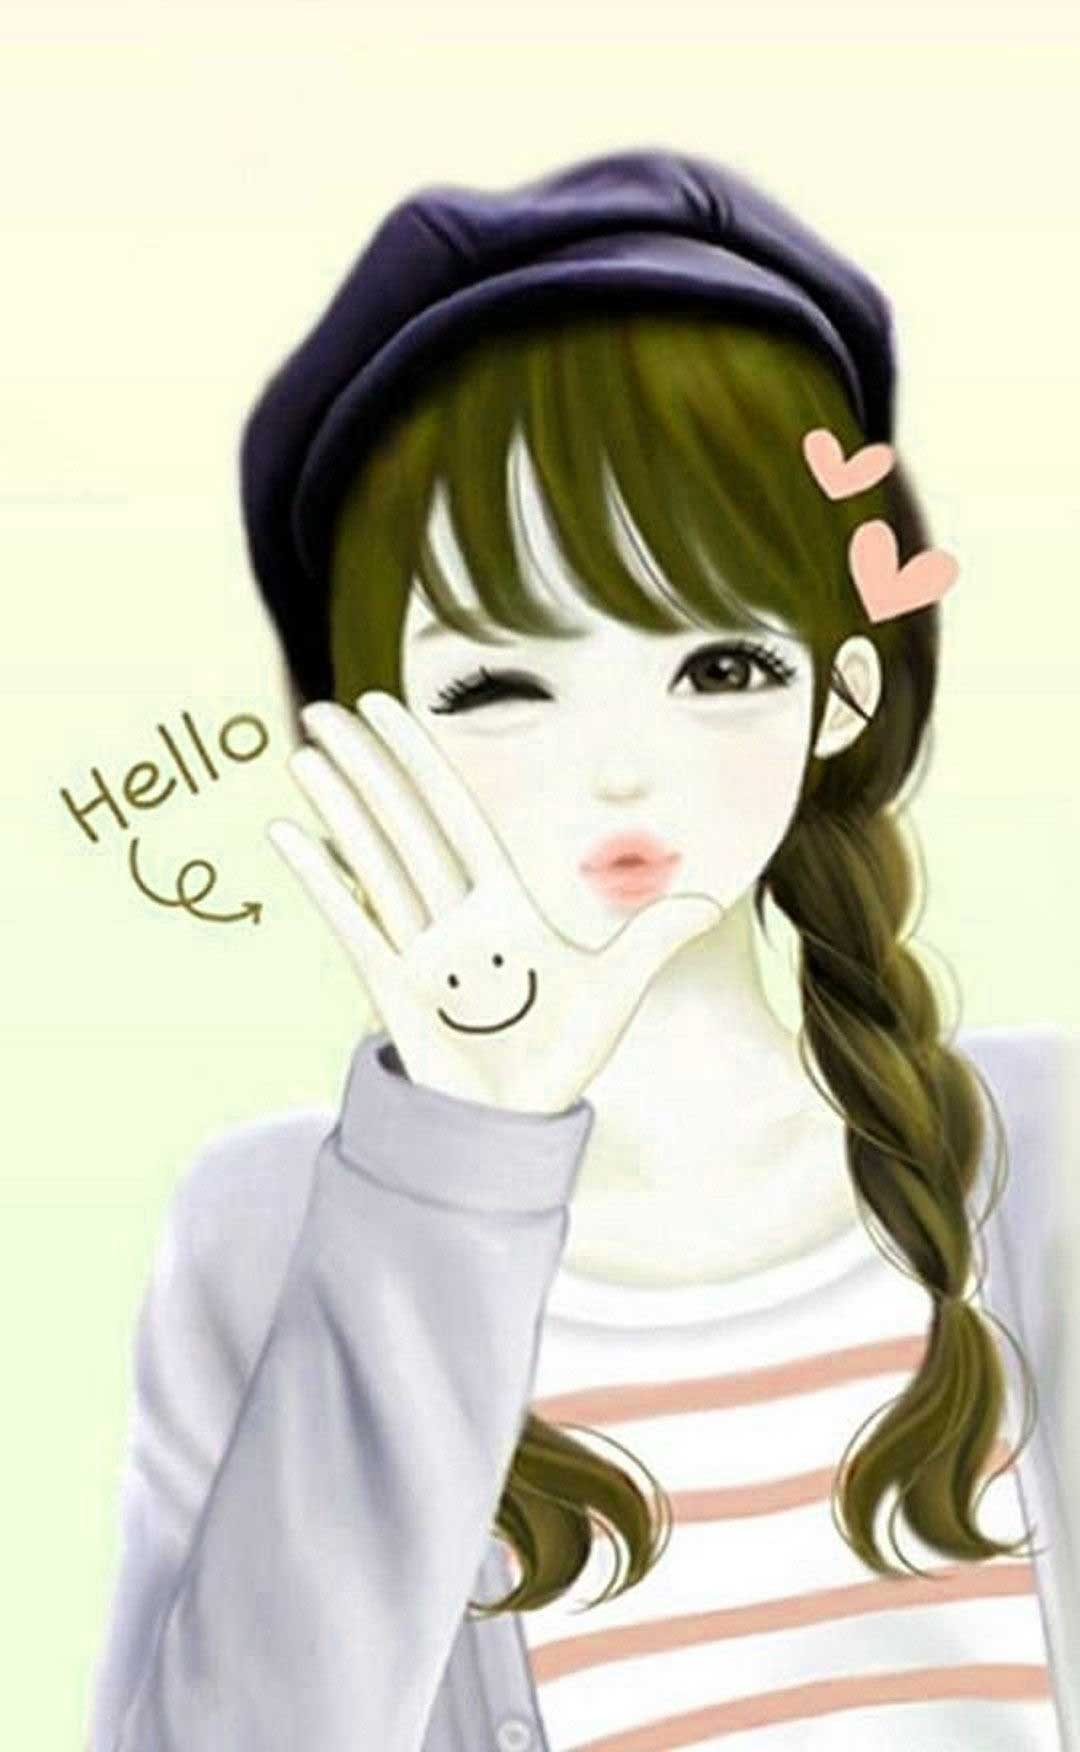 Cartoon Whatsapp DP Images Wallpaper